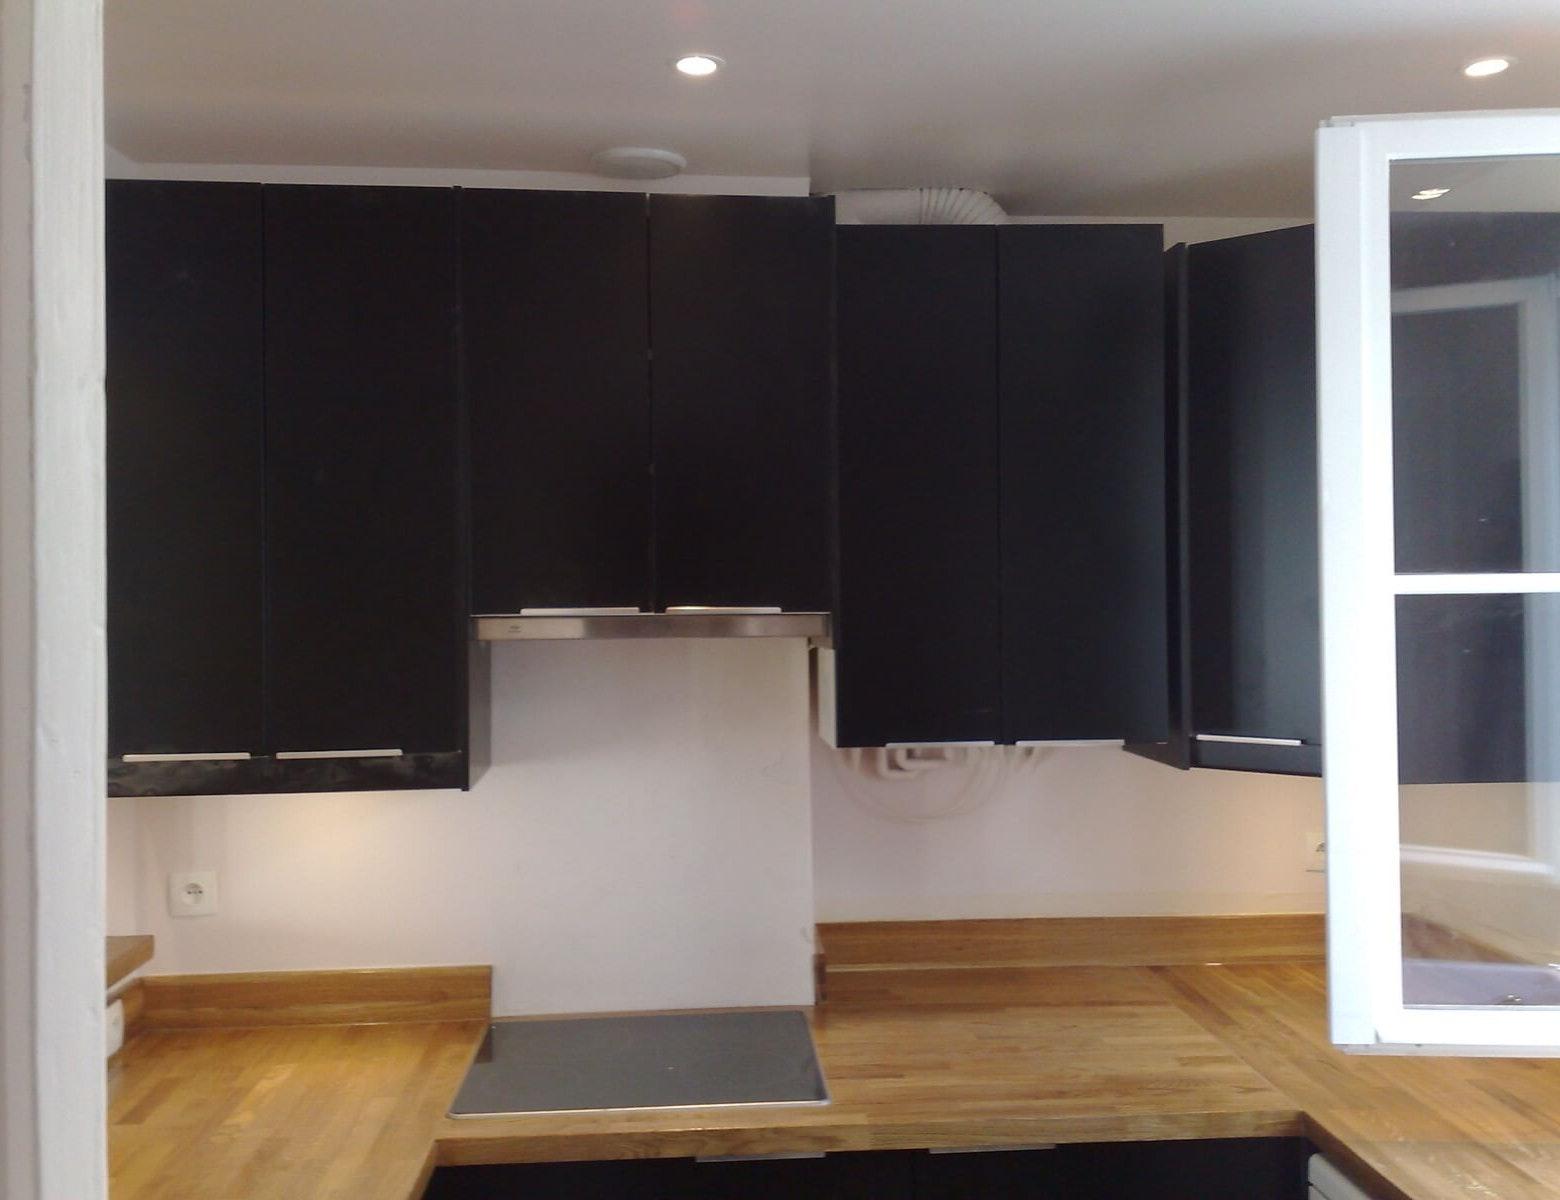 photo Rénovation d'un appartement DSAP